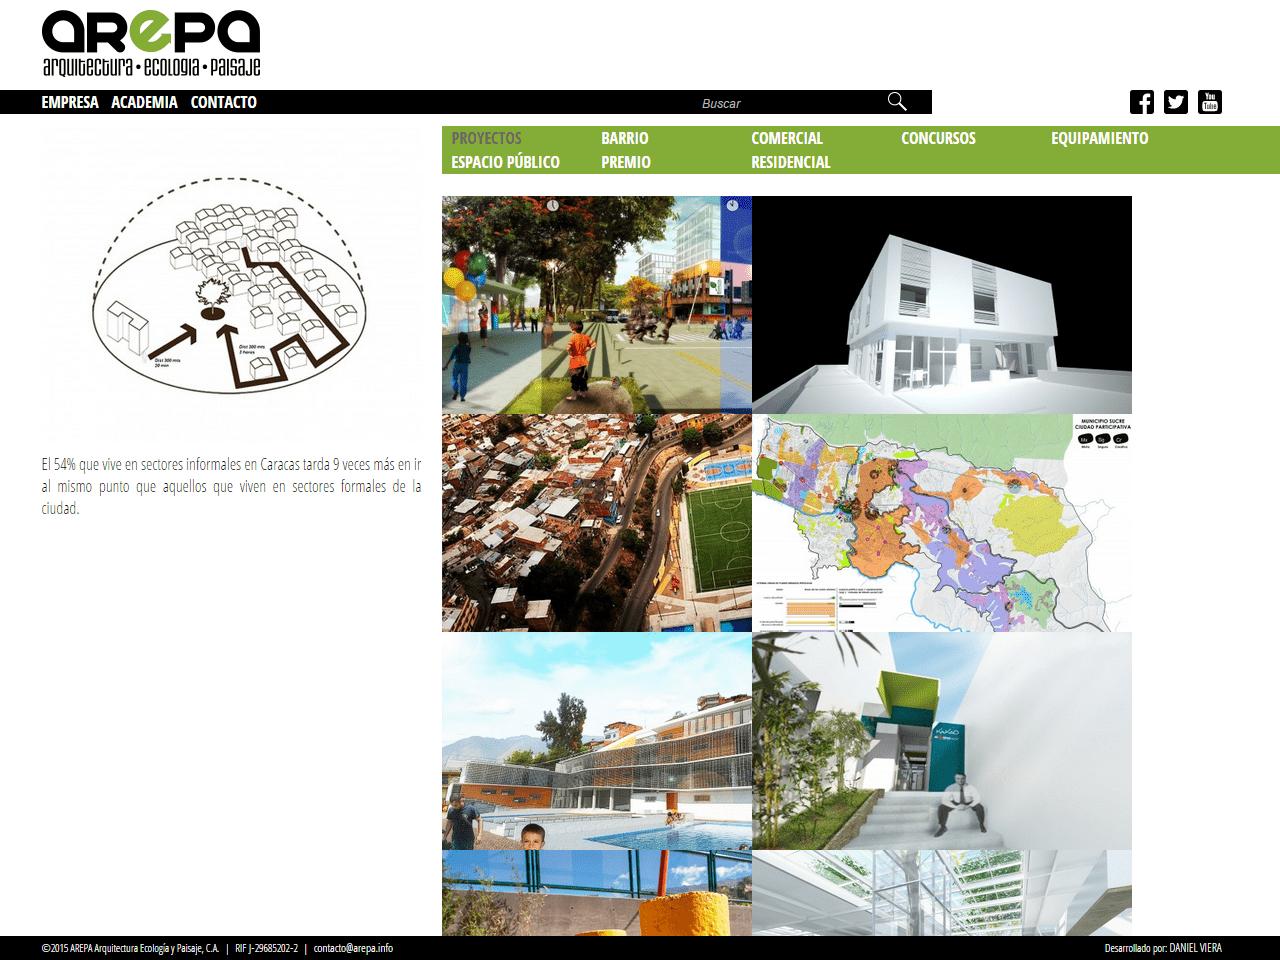 Arepa – Arquitectura, Ecología y Paisaje | Portafolio de la oficina de Arquitectura, Ecología y paisajismo. Sitio web responsive desarrollado para WordPress